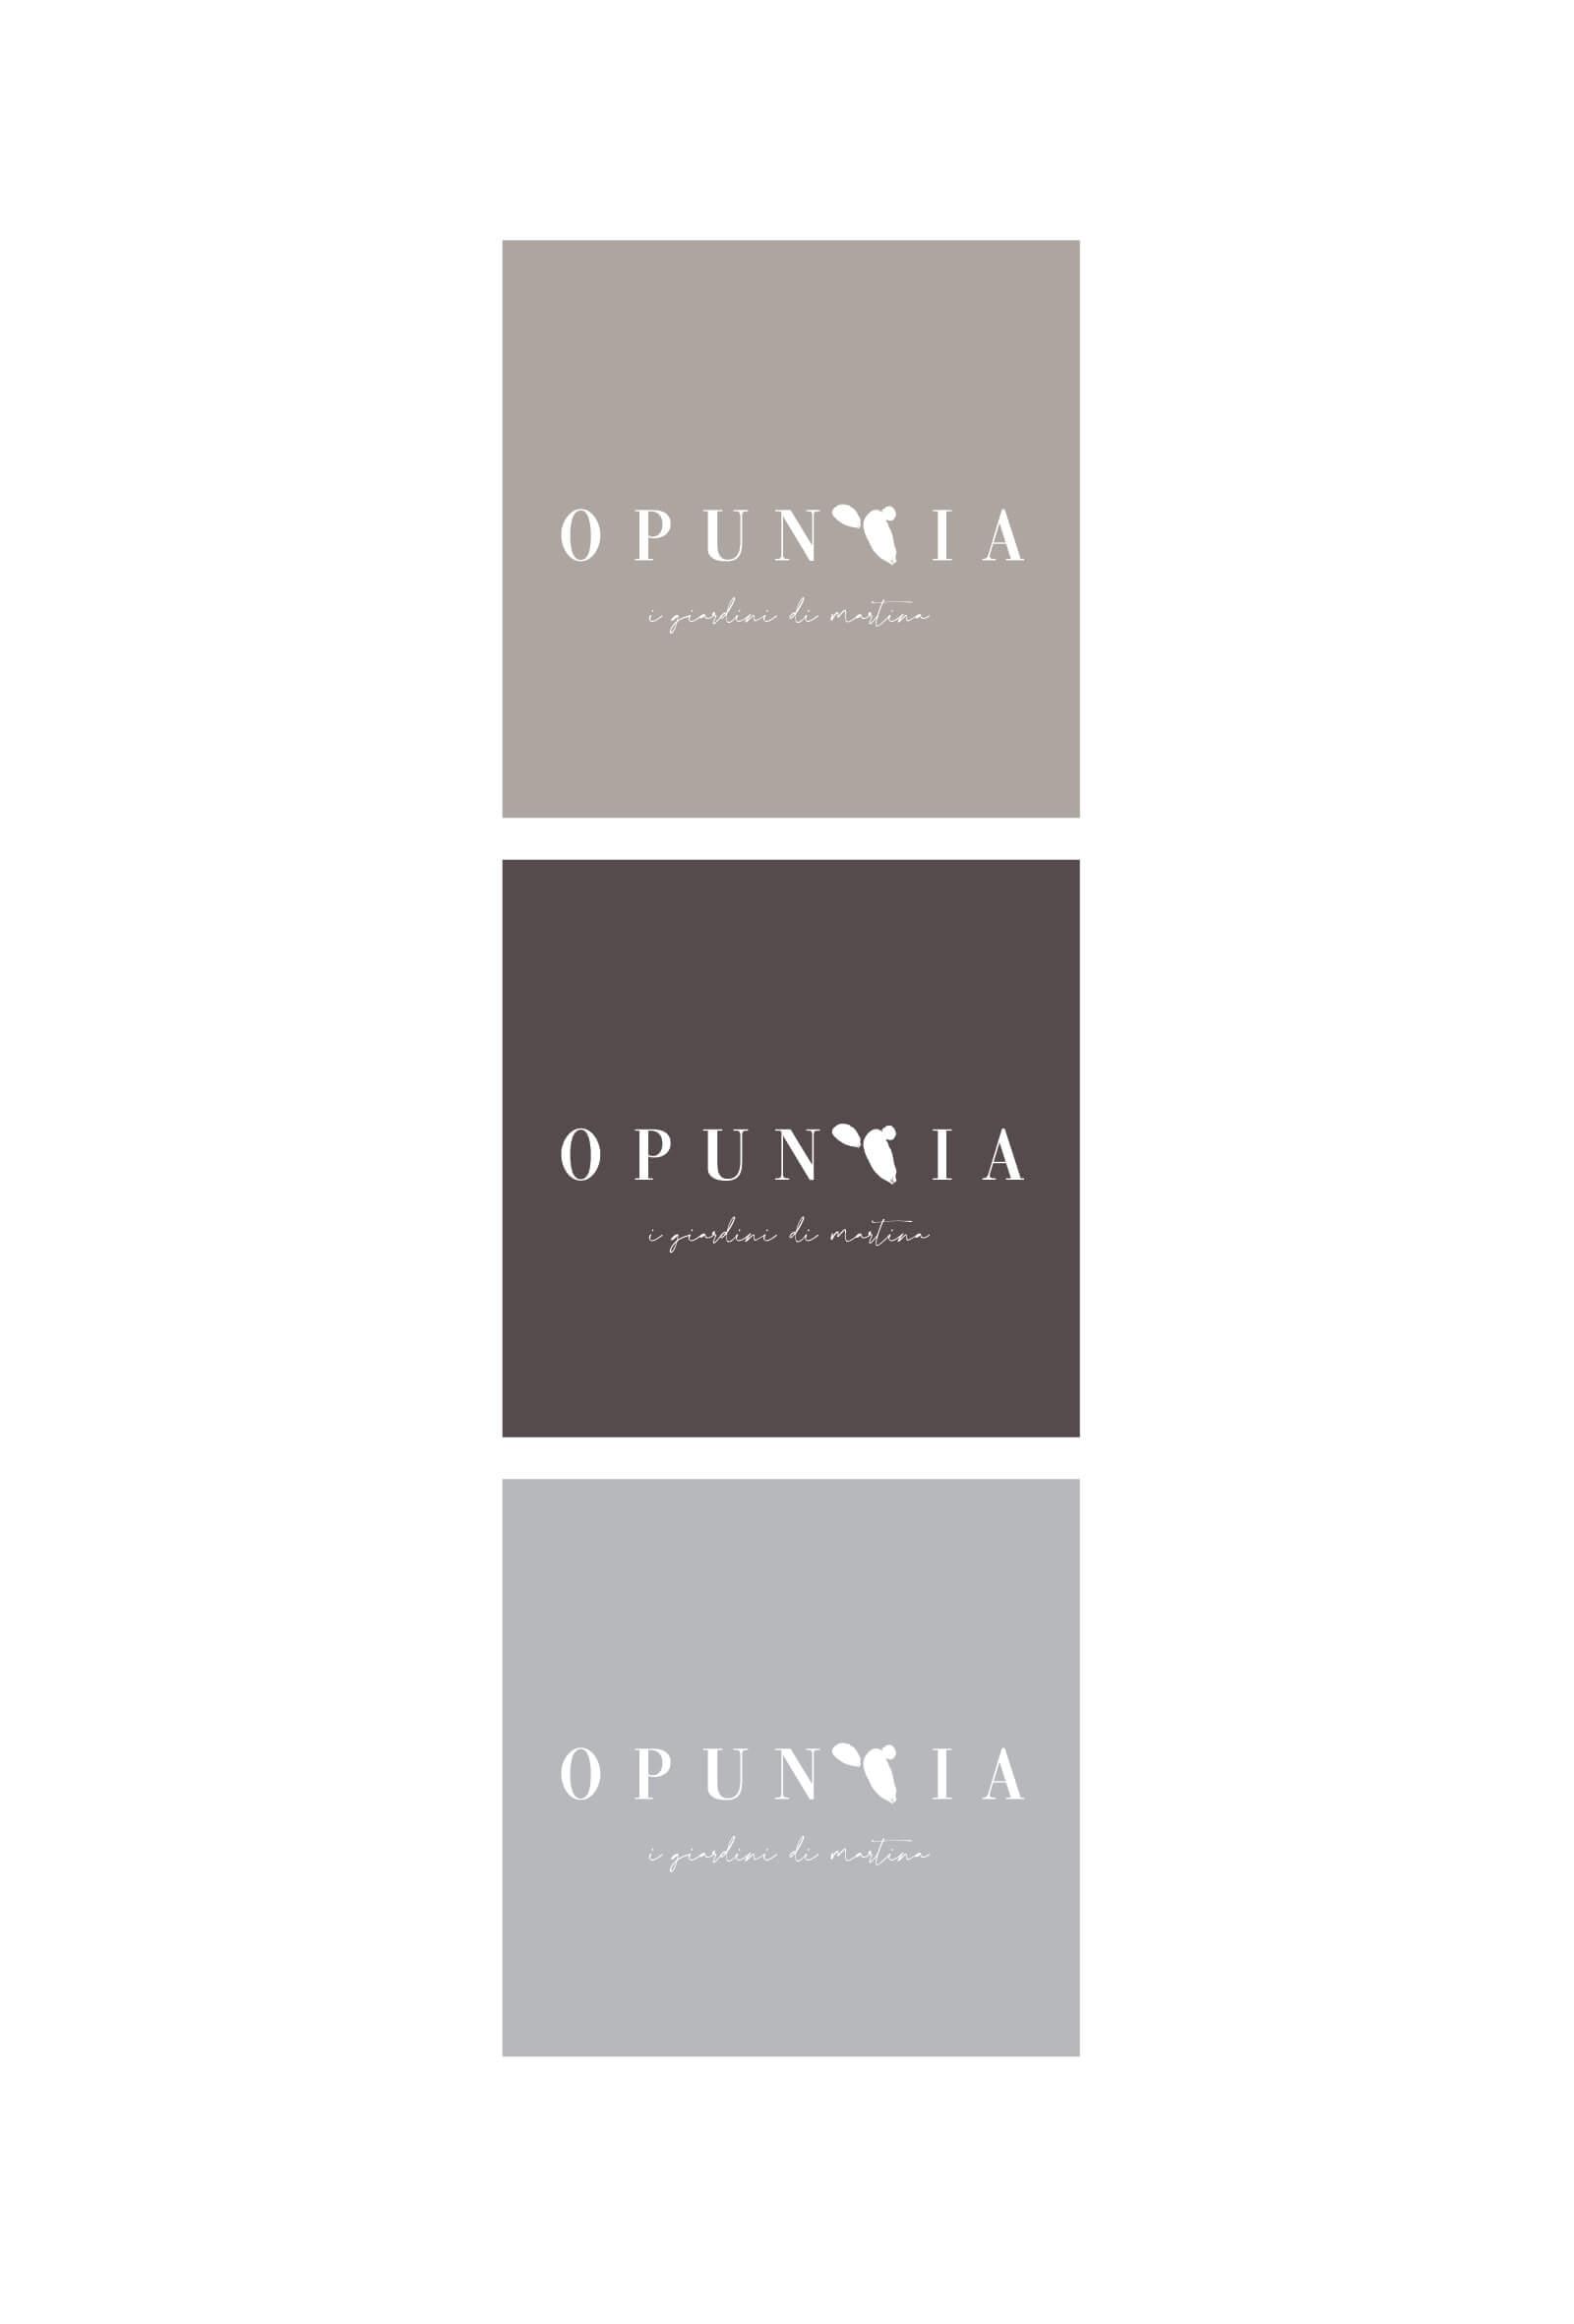 esempio di palette colore del logo progettato dalla agenzia diade studio di arco trento